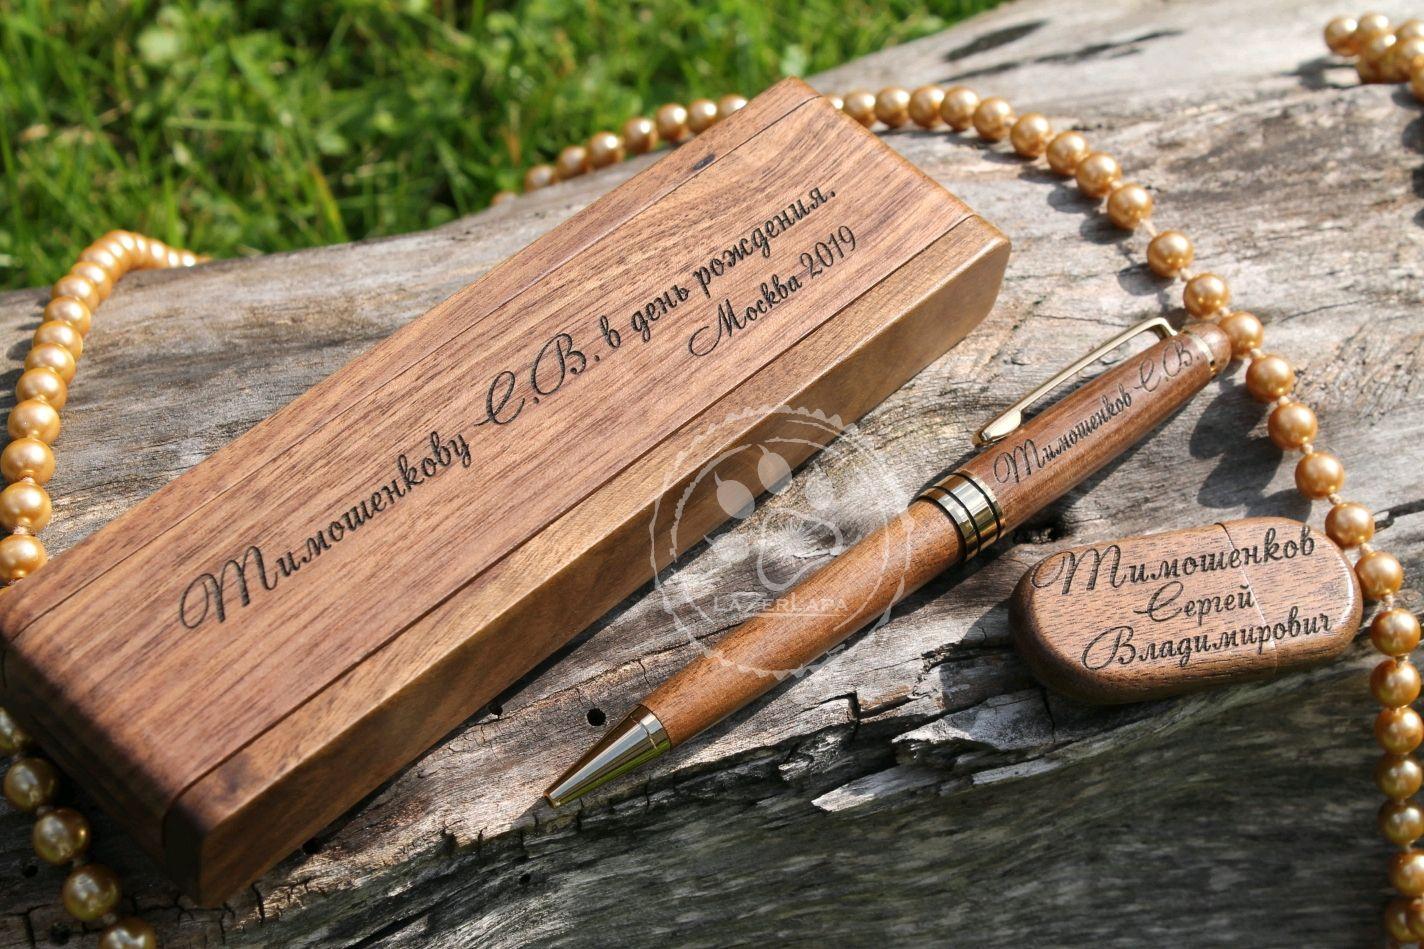 Подарочный набор мужчине мужу  ручка с футляром + флешка с гравировкой, Ручки, Тверь,  Фото №1